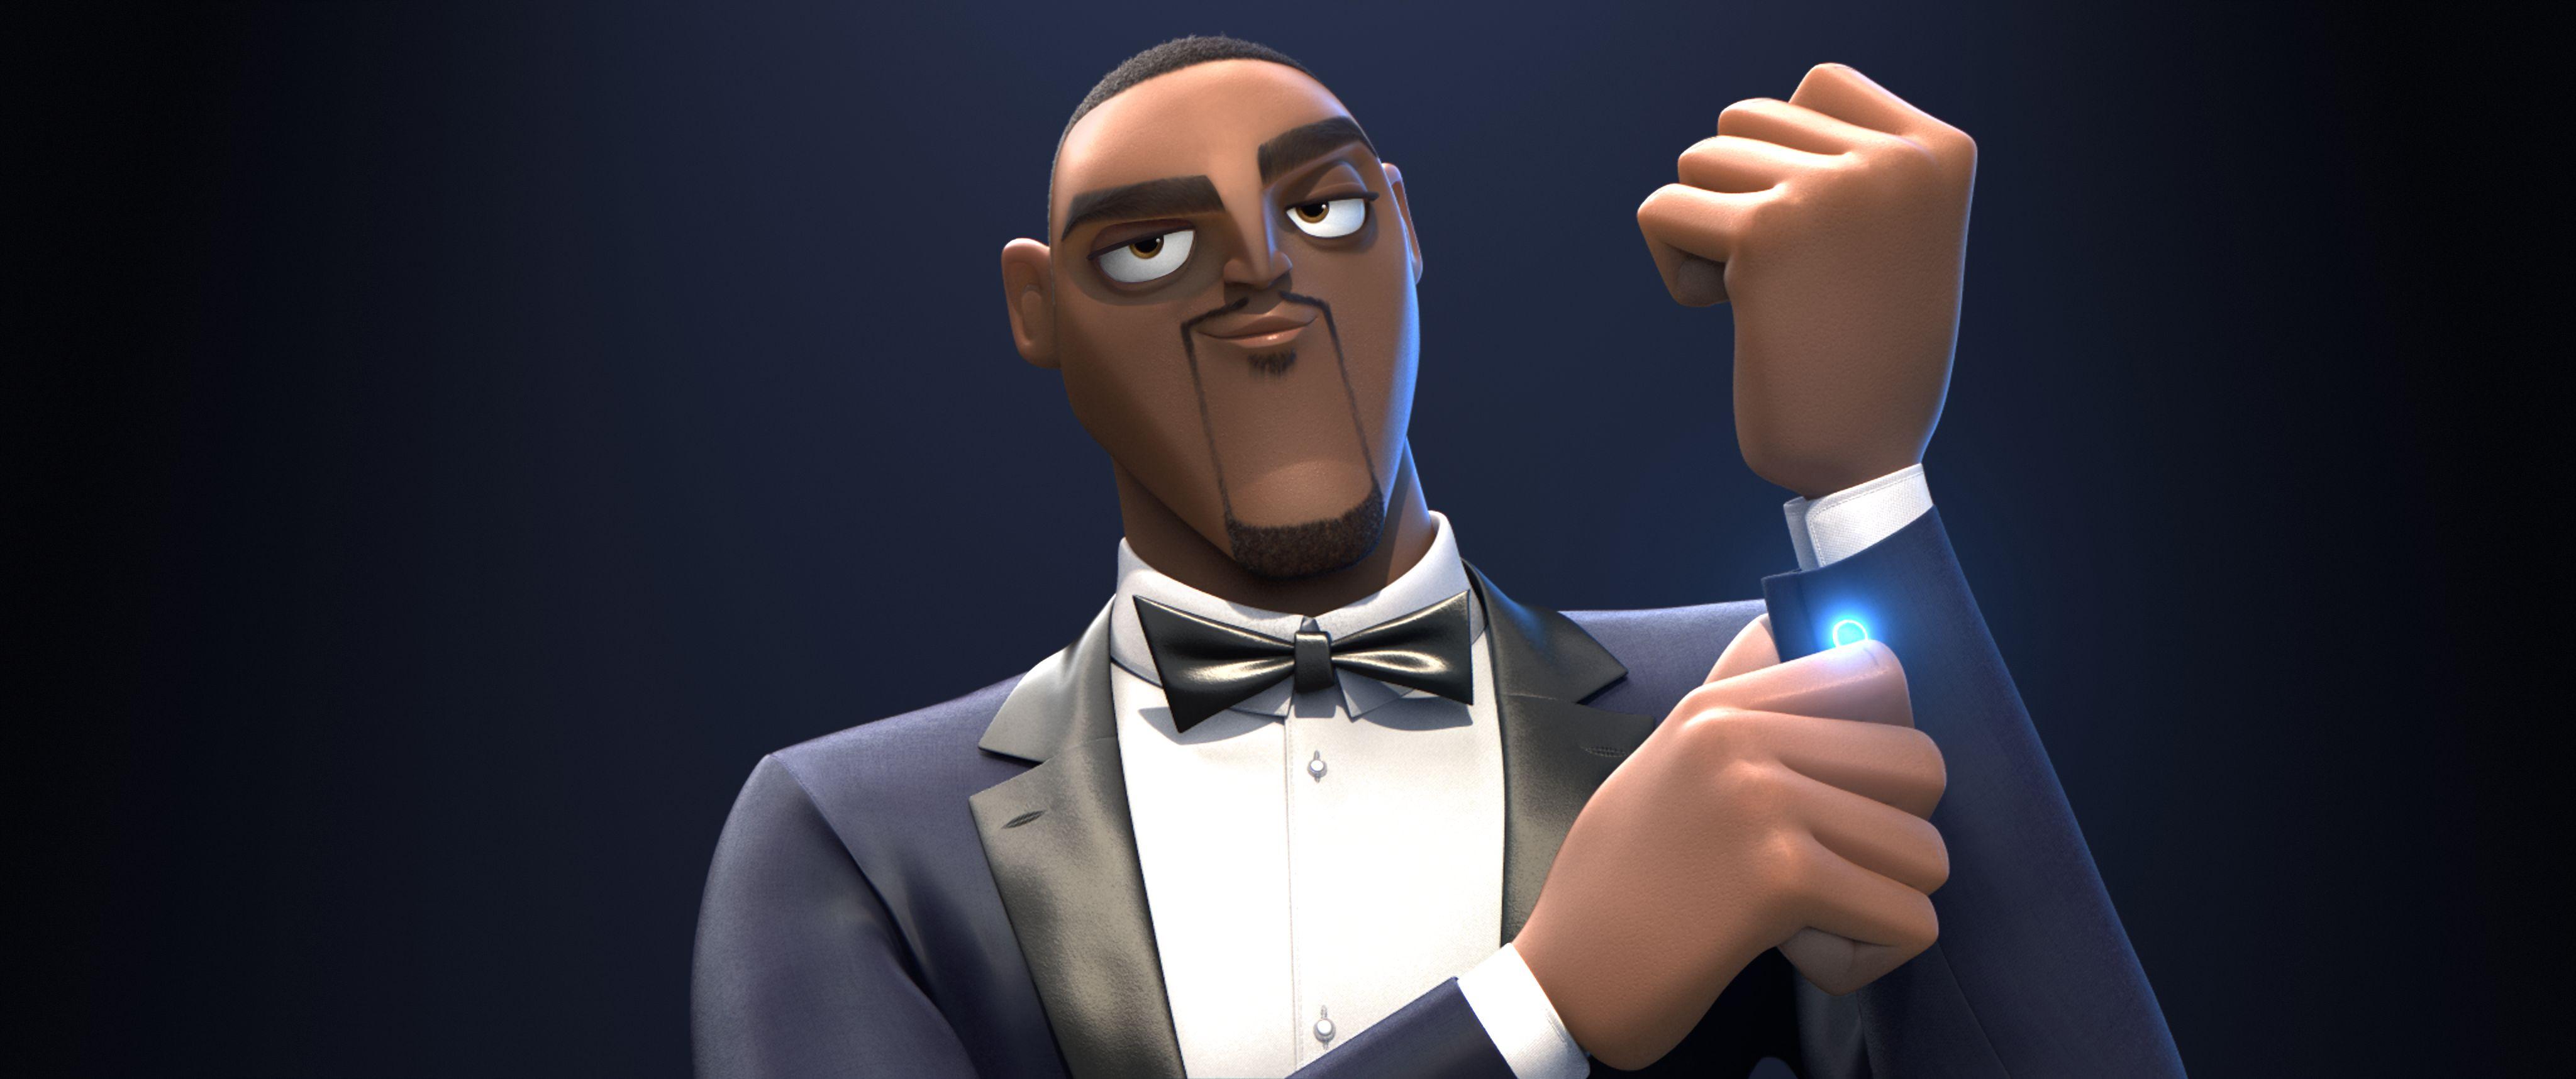 Špióni v převleku